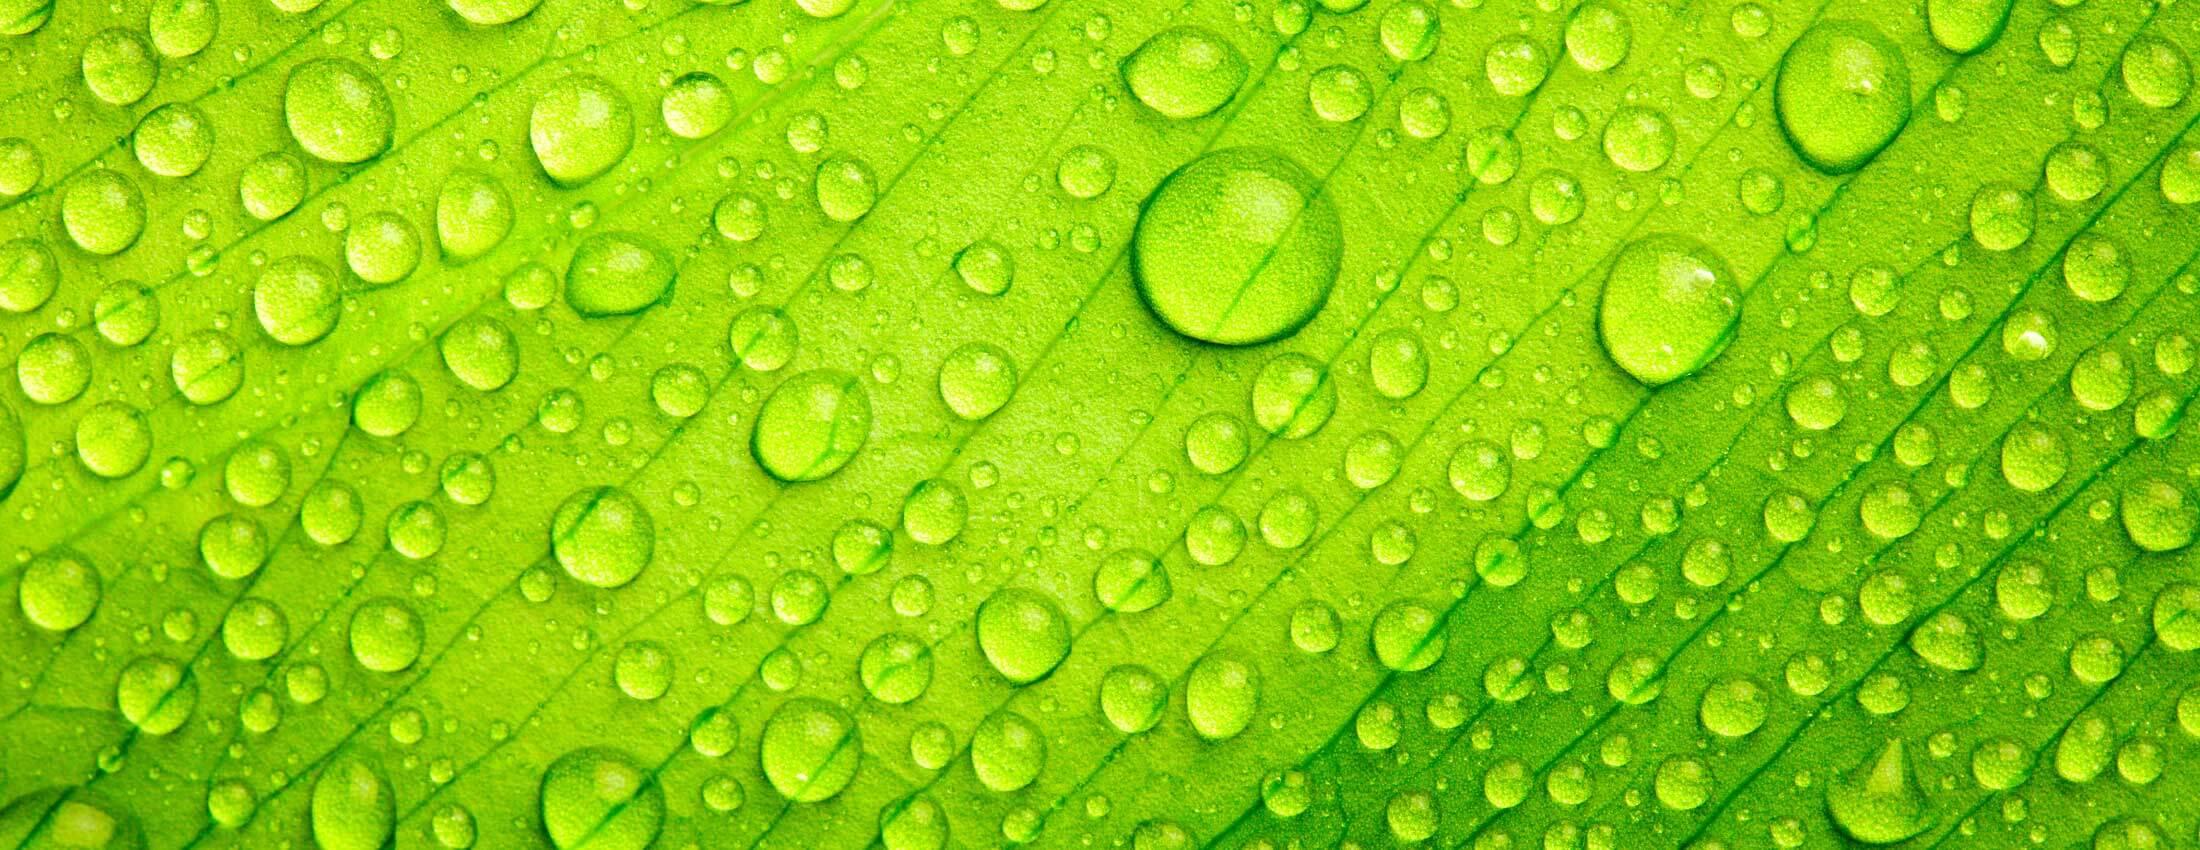 Bir ek gübreleme çeşidi olan yaprak gübreleri, bitki yapraklarına püskürtme yöntemiyle uygulanarak, bitkinin daha fazla su ve besin alımı sağlanır.